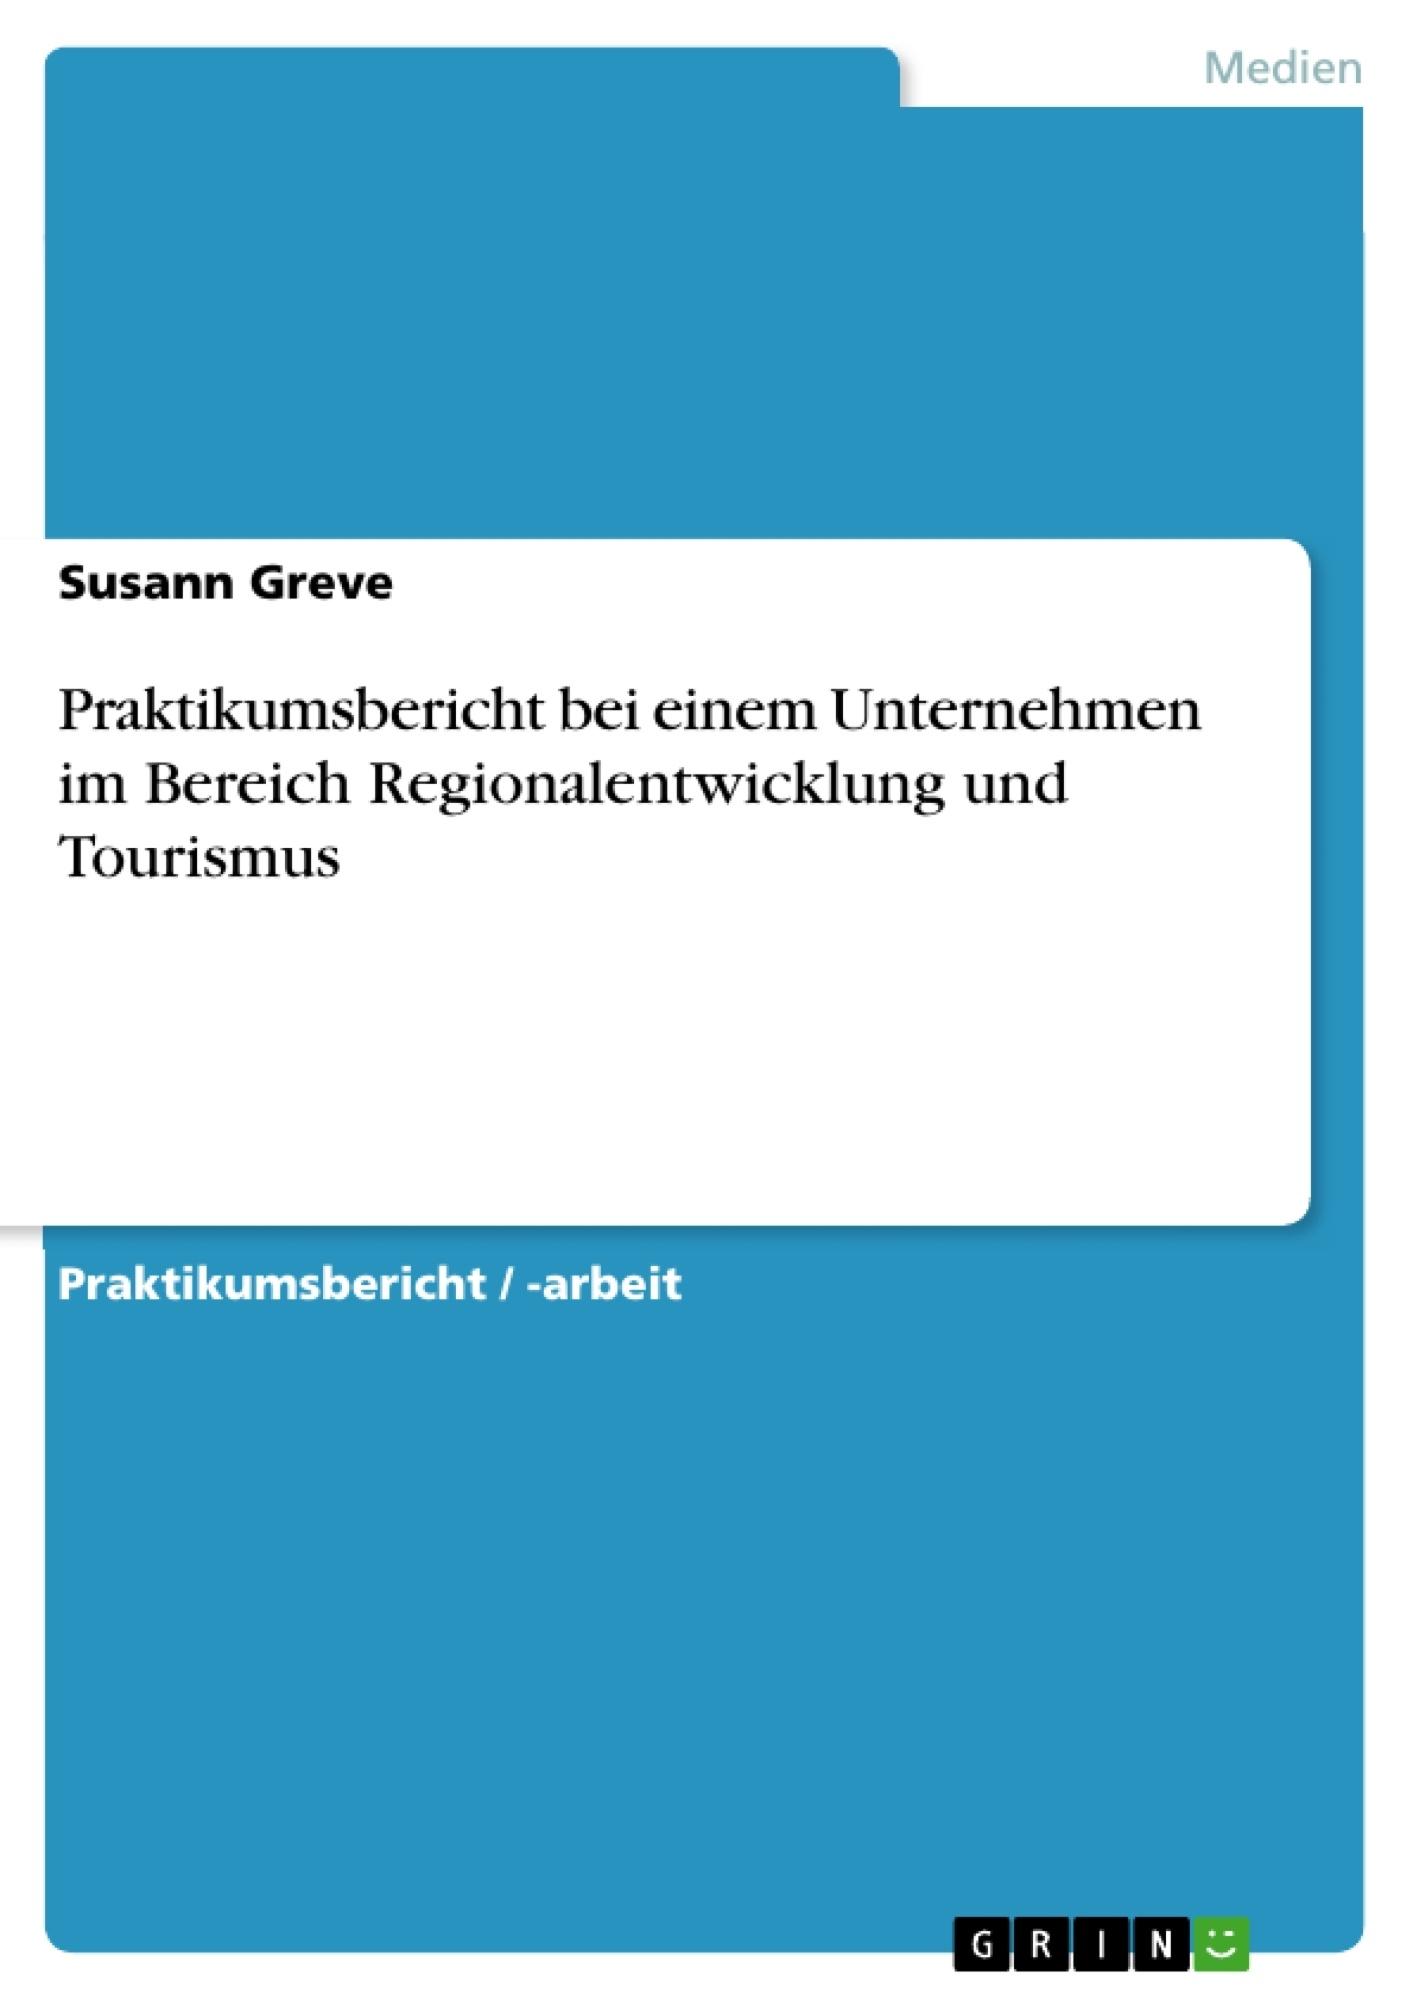 Titel: Praktikumsbericht bei einem Unternehmen im Bereich Regionalentwicklung und Tourismus